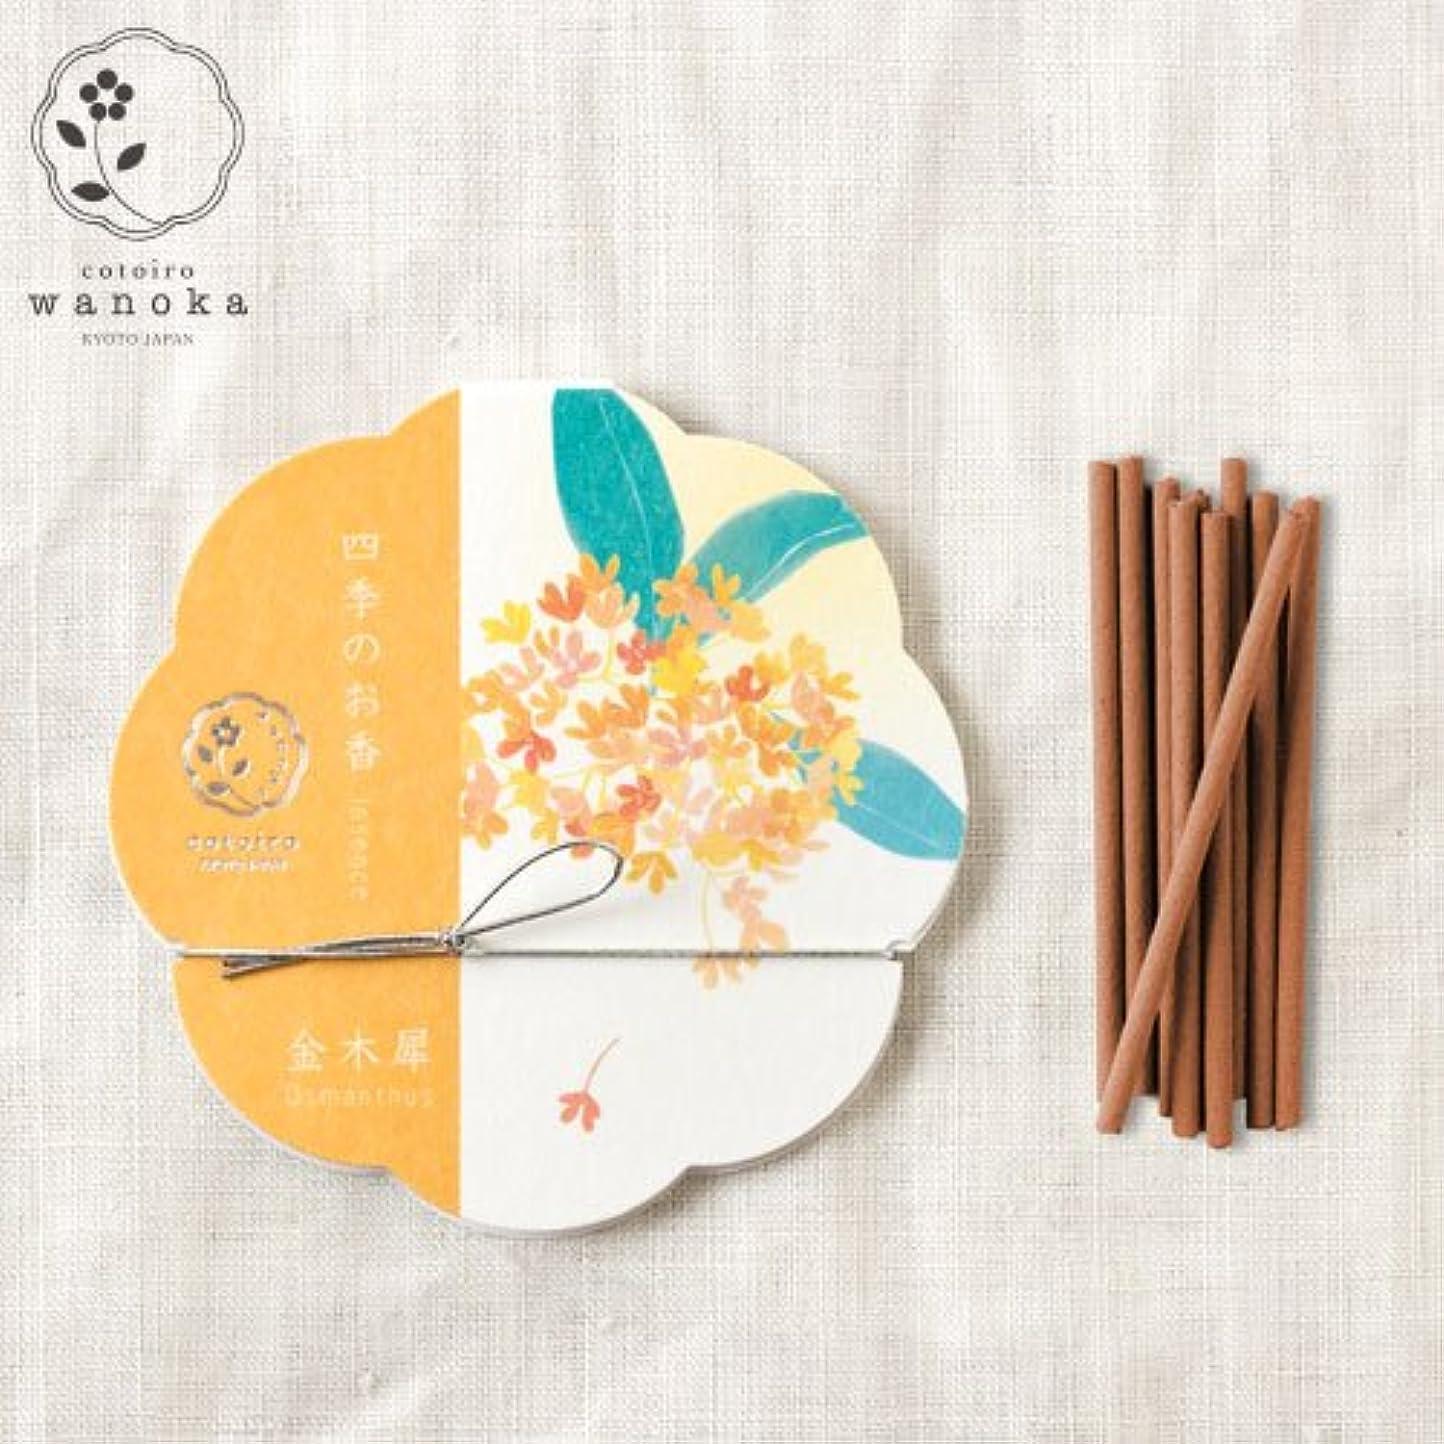 ブラウザどれかガラスwanoka四季のお香(インセンス)金木犀《金木犀をイメージした果実のような甘い香り》ART LABIncense stick